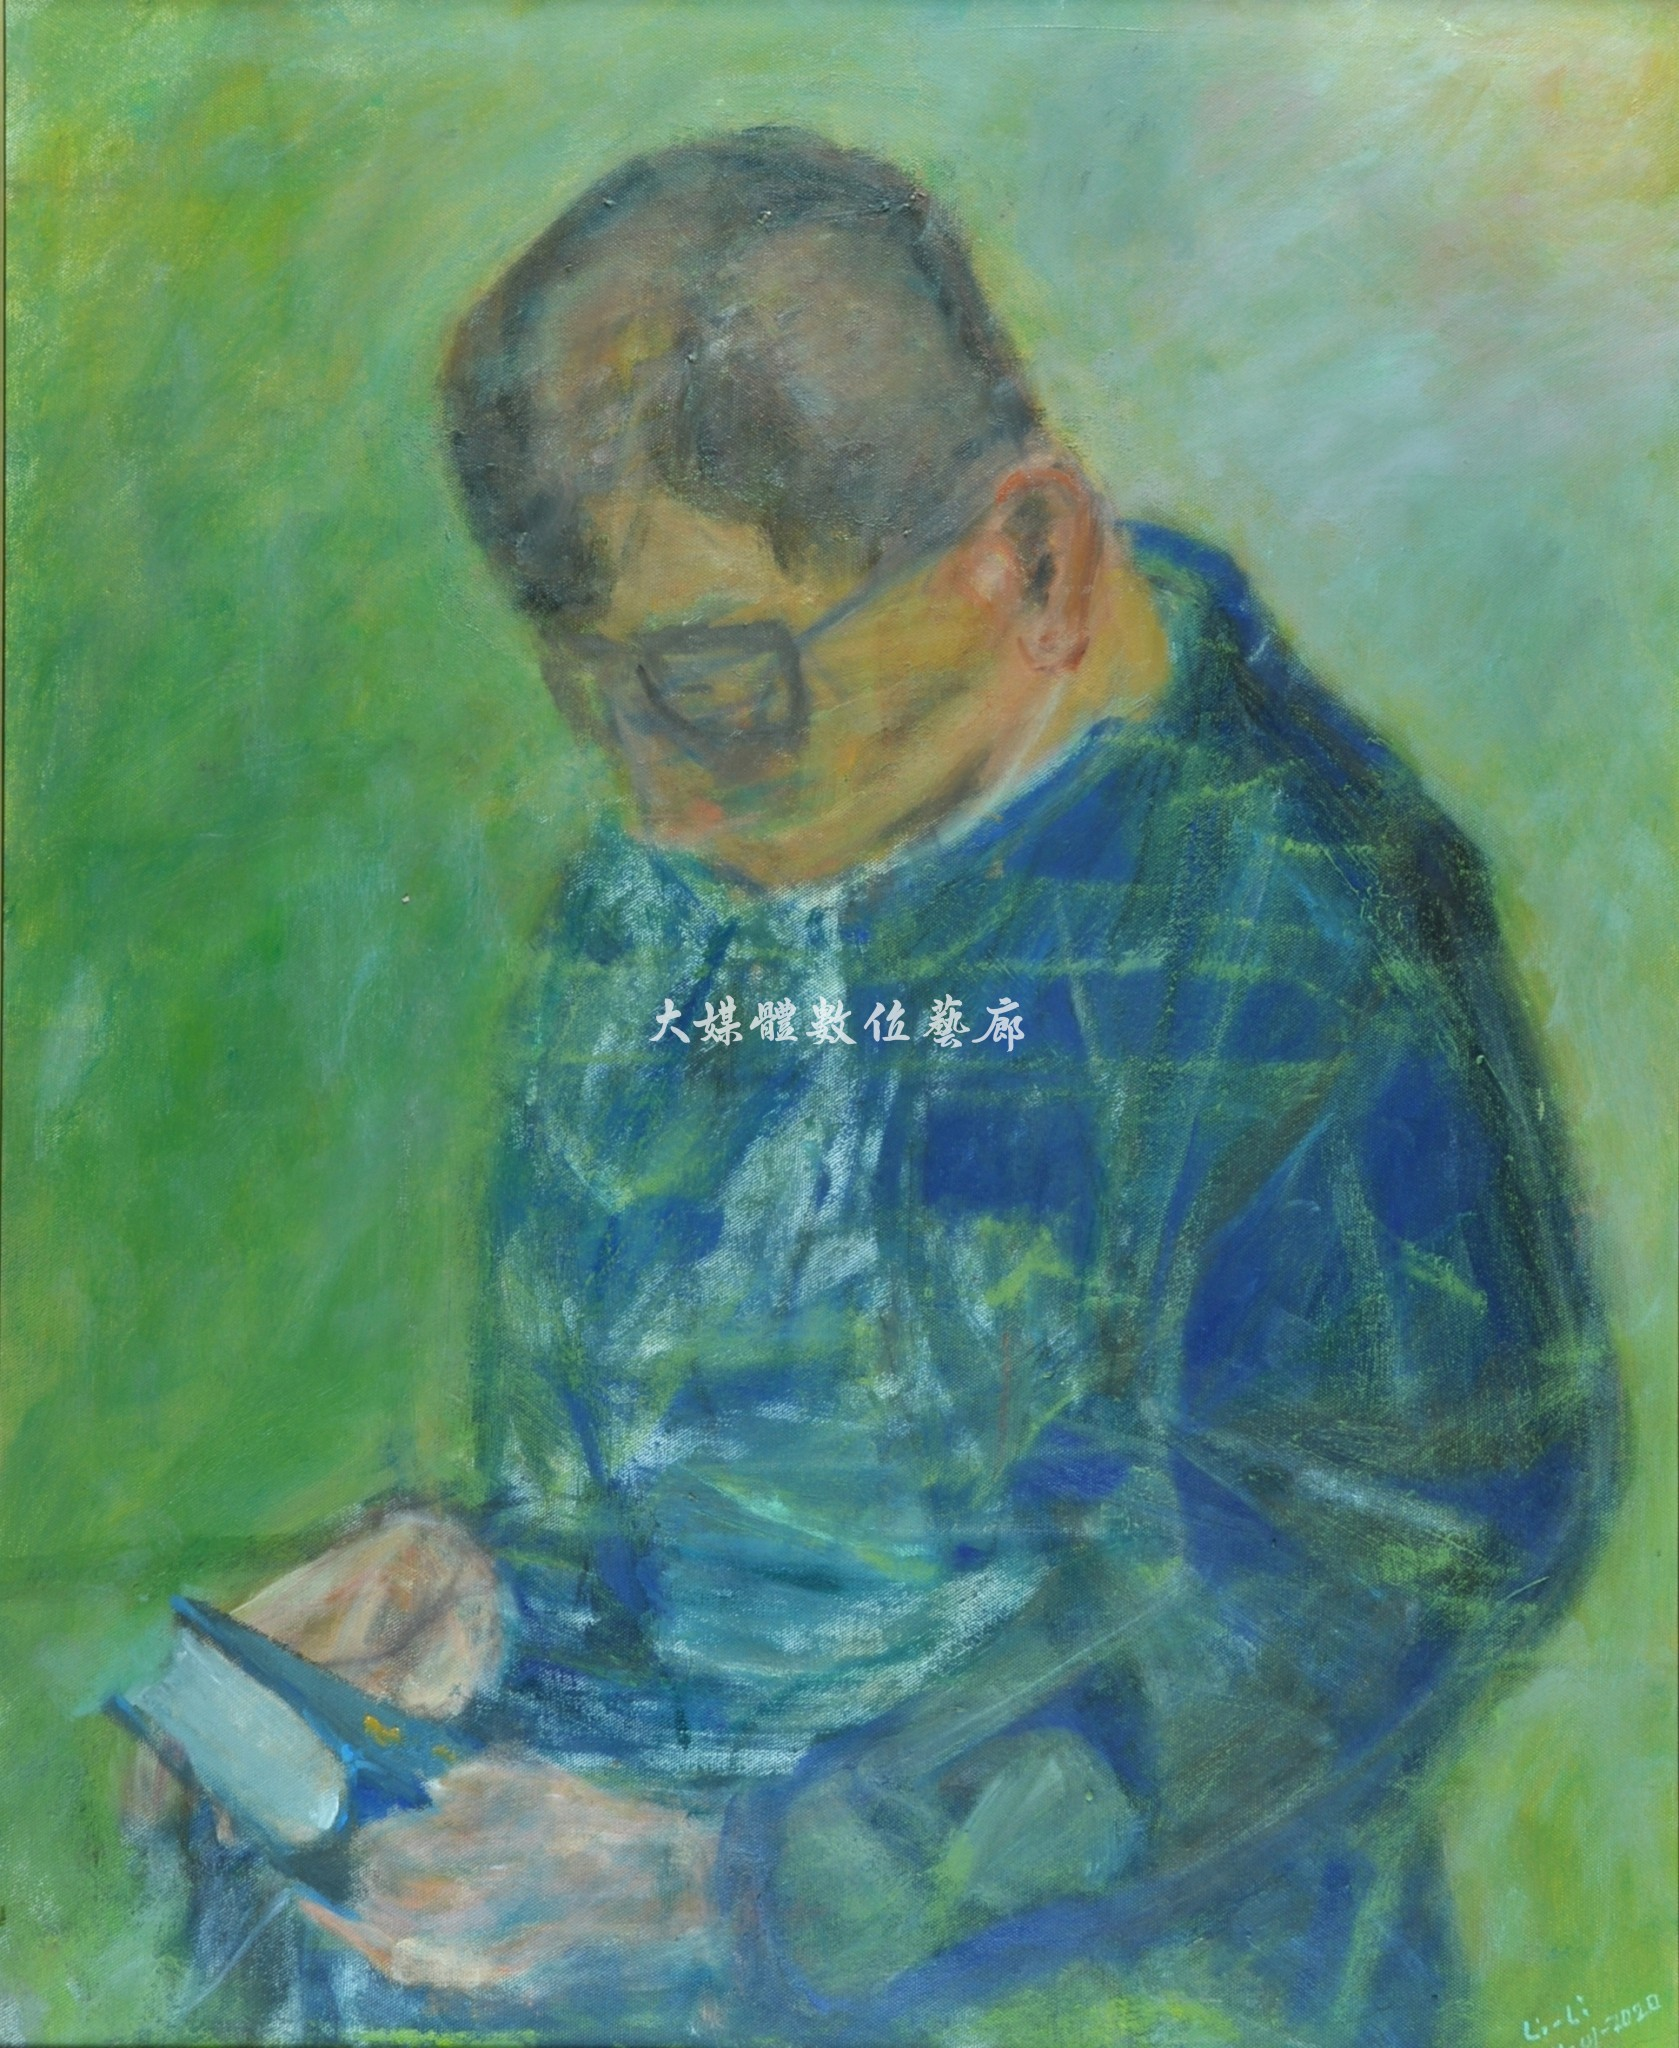 油畫 禱告 -希望之光